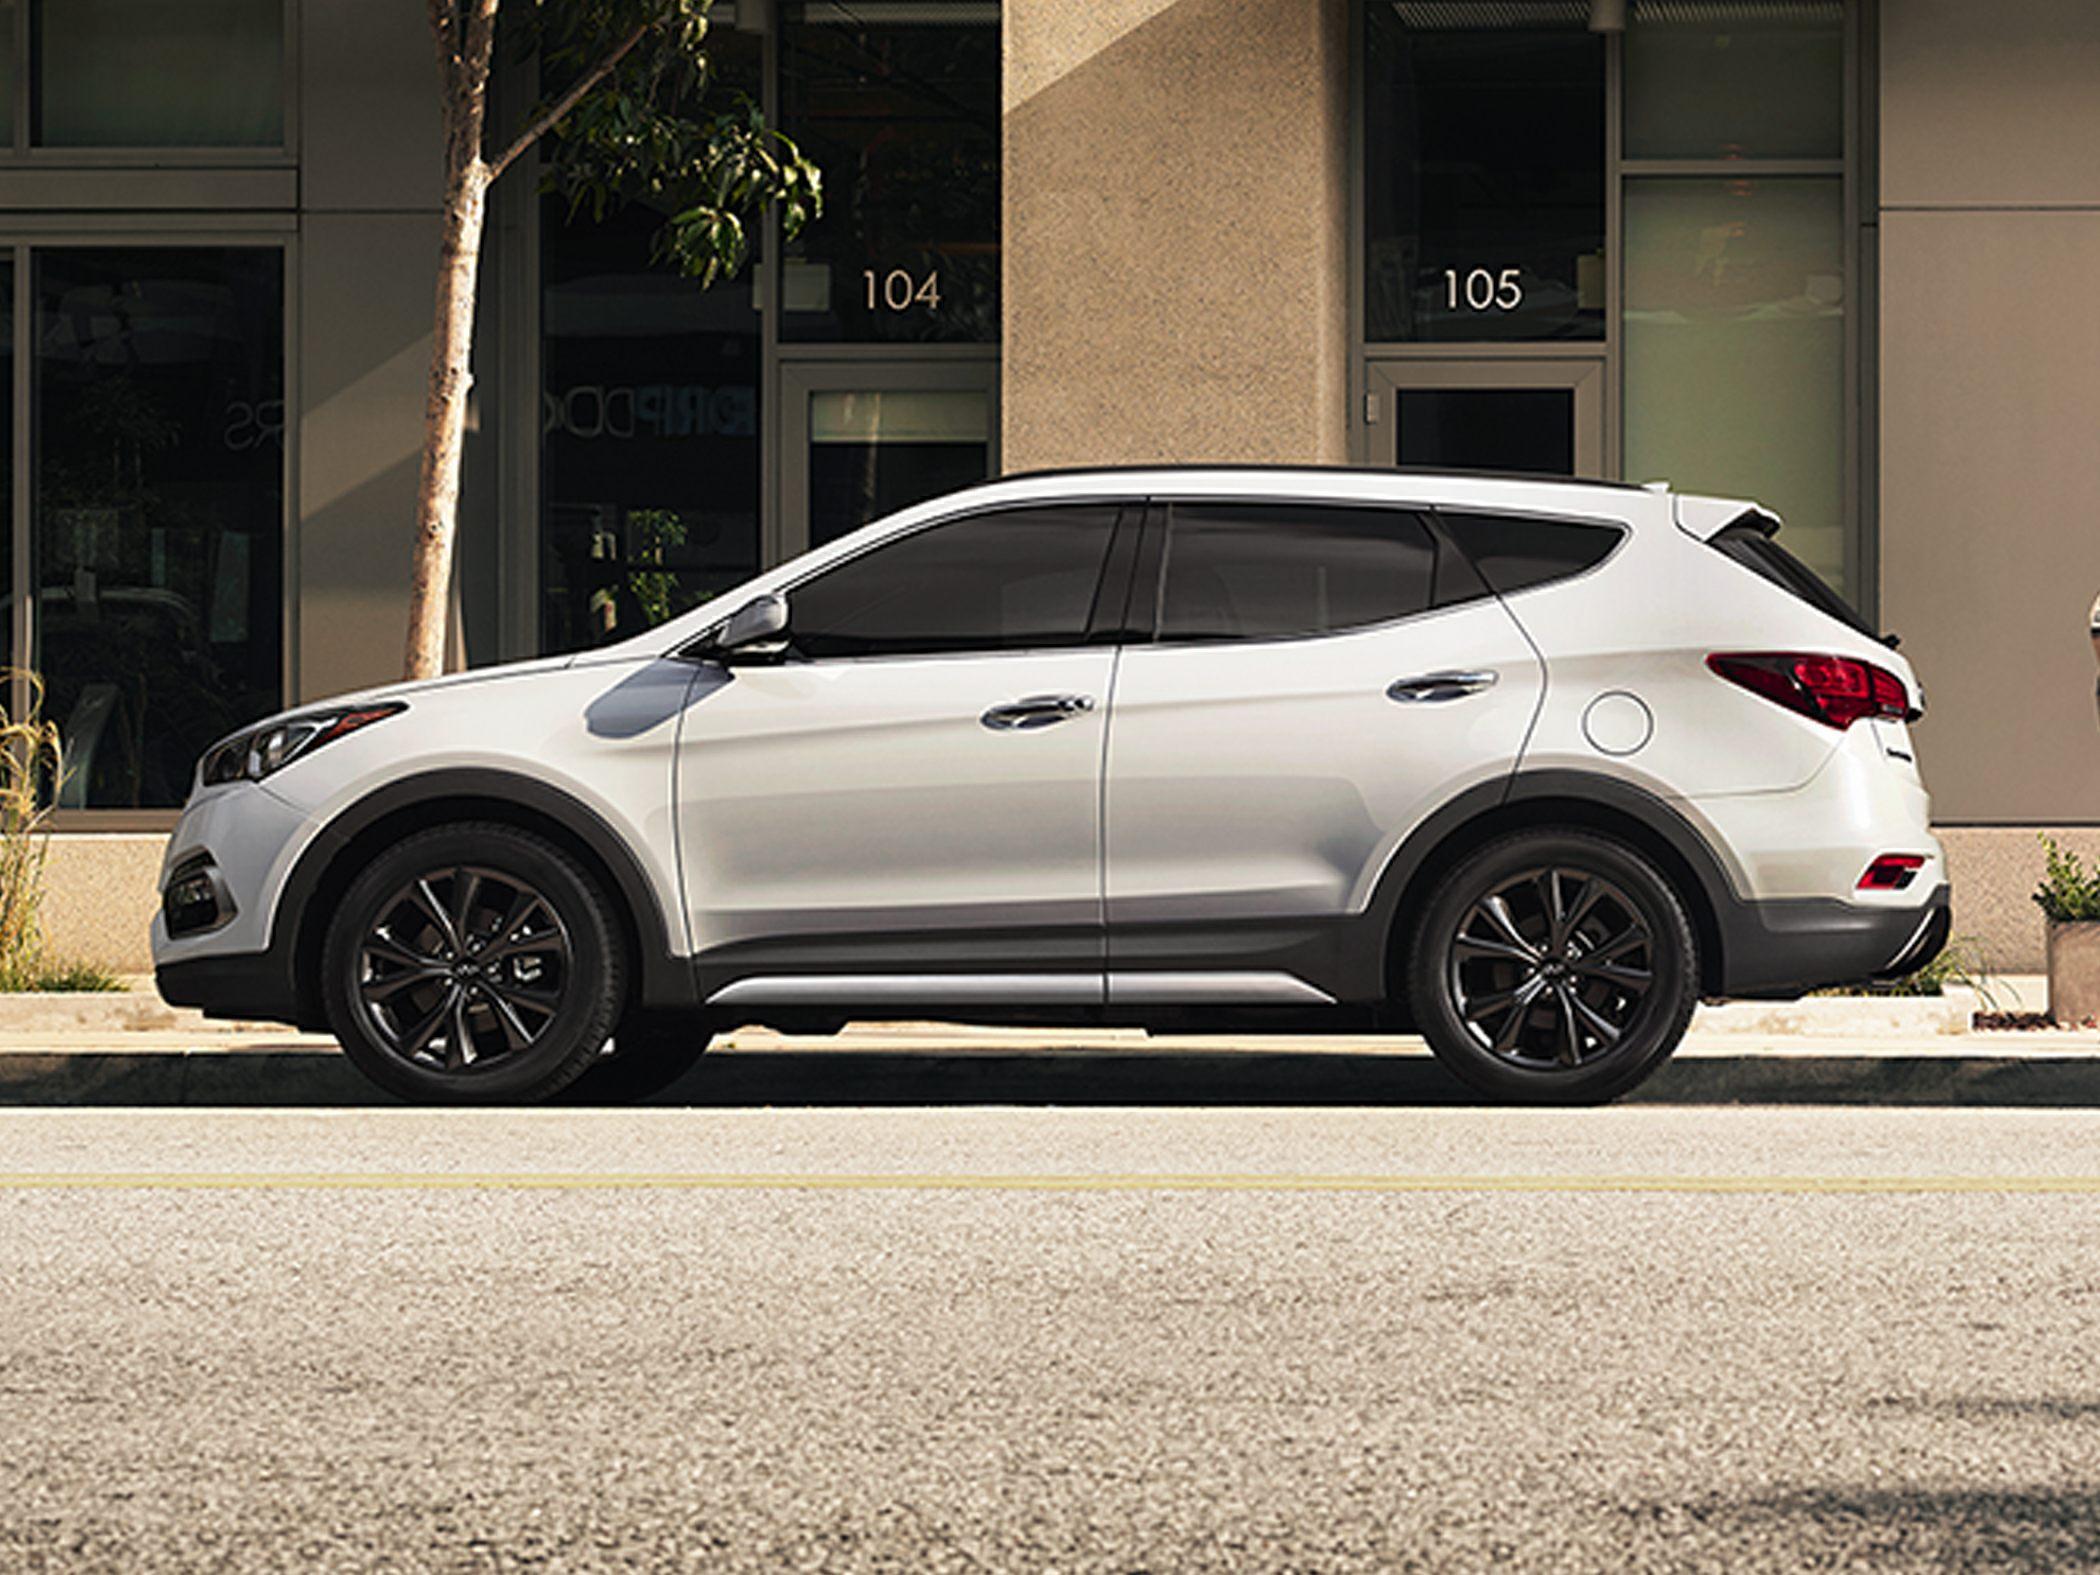 2018 Hyundai Santa Fe Sport 2 4 Base 4 Dr Sport Utility At